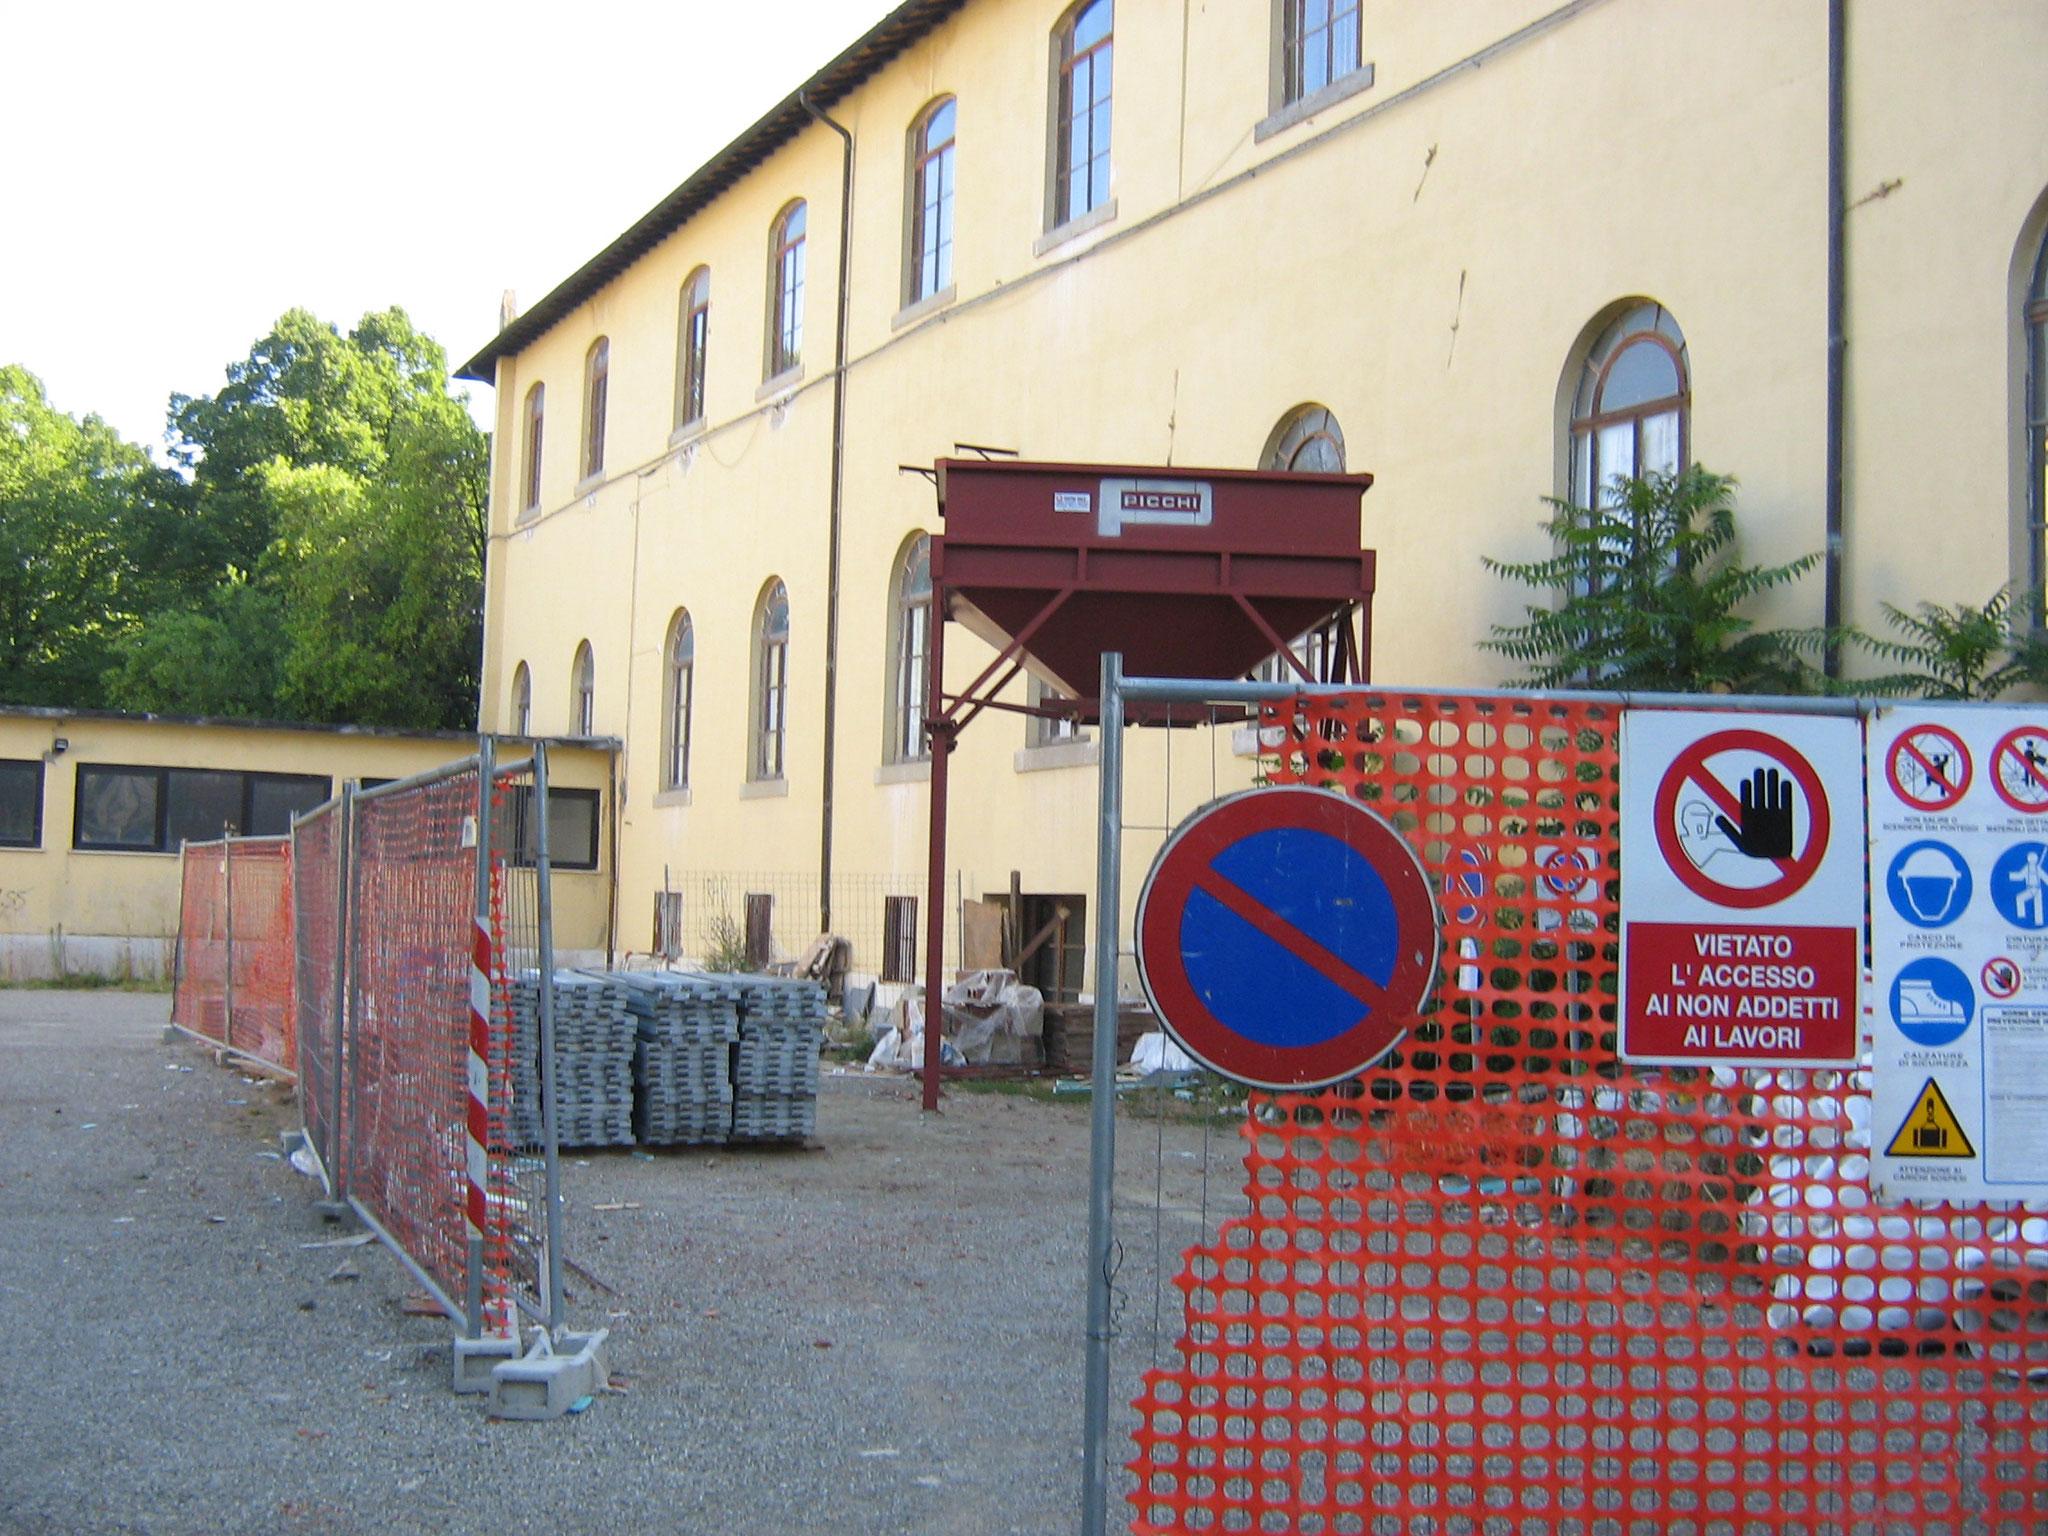 """COMUNE DI AREZZO - Restauro e ristrutturazione di parte della copertura della scuola elementare """"Gamurrini"""" e dell'istituto magistrale """"Colonna""""."""